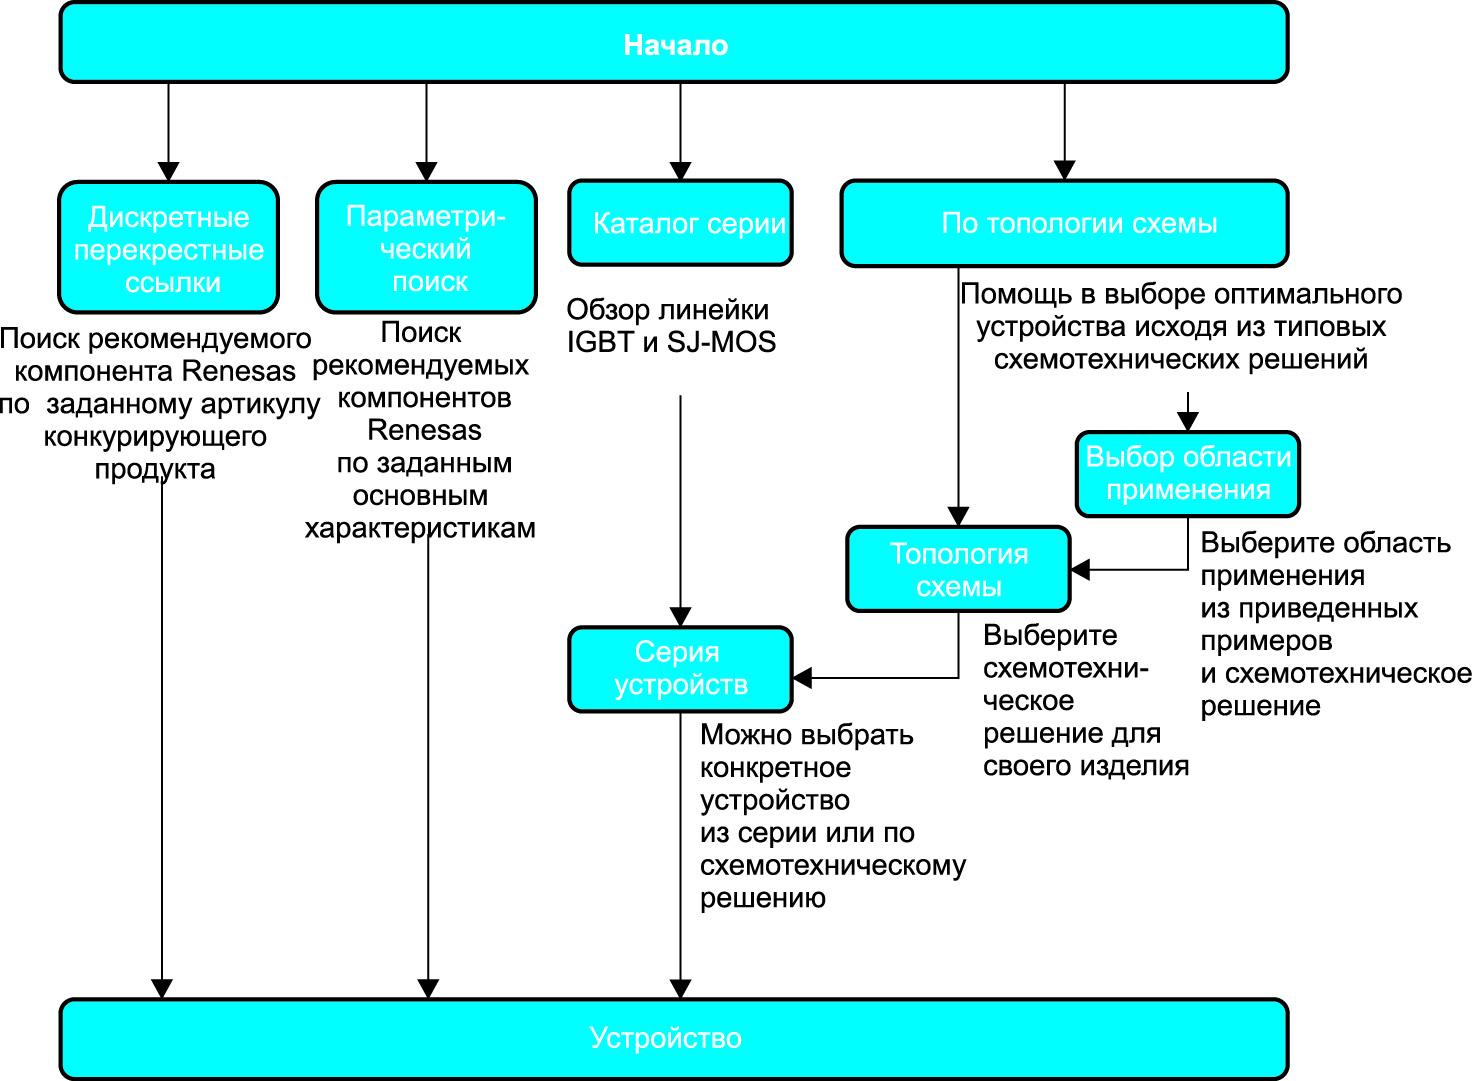 Схема алгоритма, на которой показаны различные варианты подбора компонента